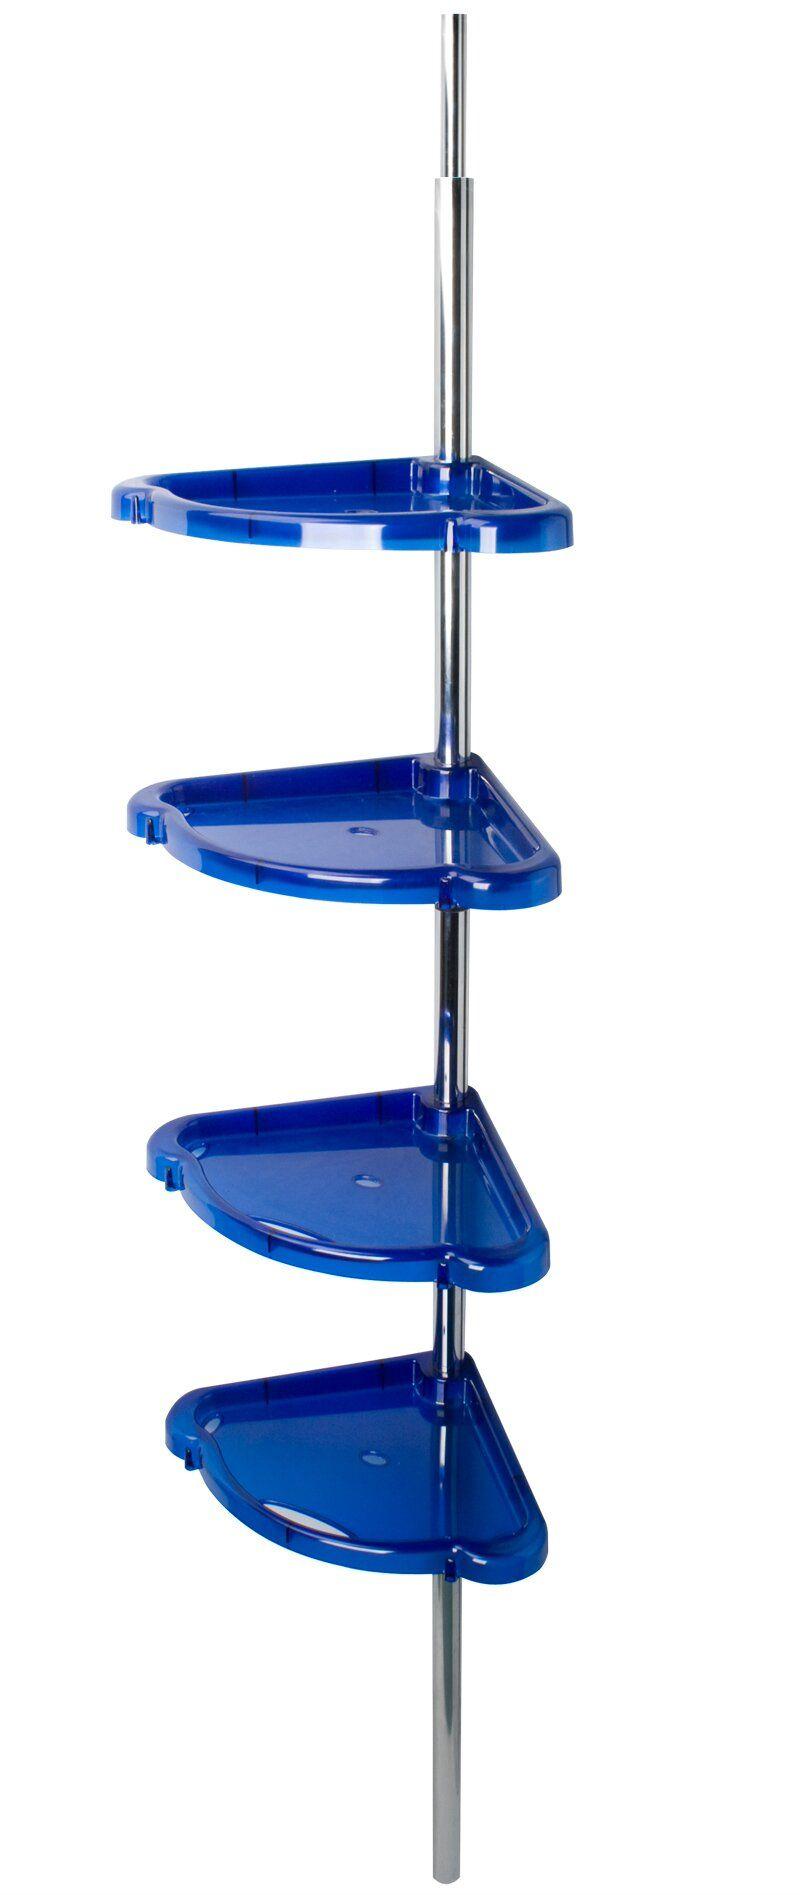 Полка для ванной комнаты Berossi Стелла, угловая, распорная, цвет: синий, 21 х 21 х 192 смАС 15410000Полка угловая распорная Стелла содержит четыре вместительные пластиковые полки с крючками, которые размещаются на хромированной опоре. Возможно вращать полки вокруг опоры и регулировать по высоте. При установке изделия не нужно сверлить, опора прочно встает в распор между бортиком ванны и потолком.